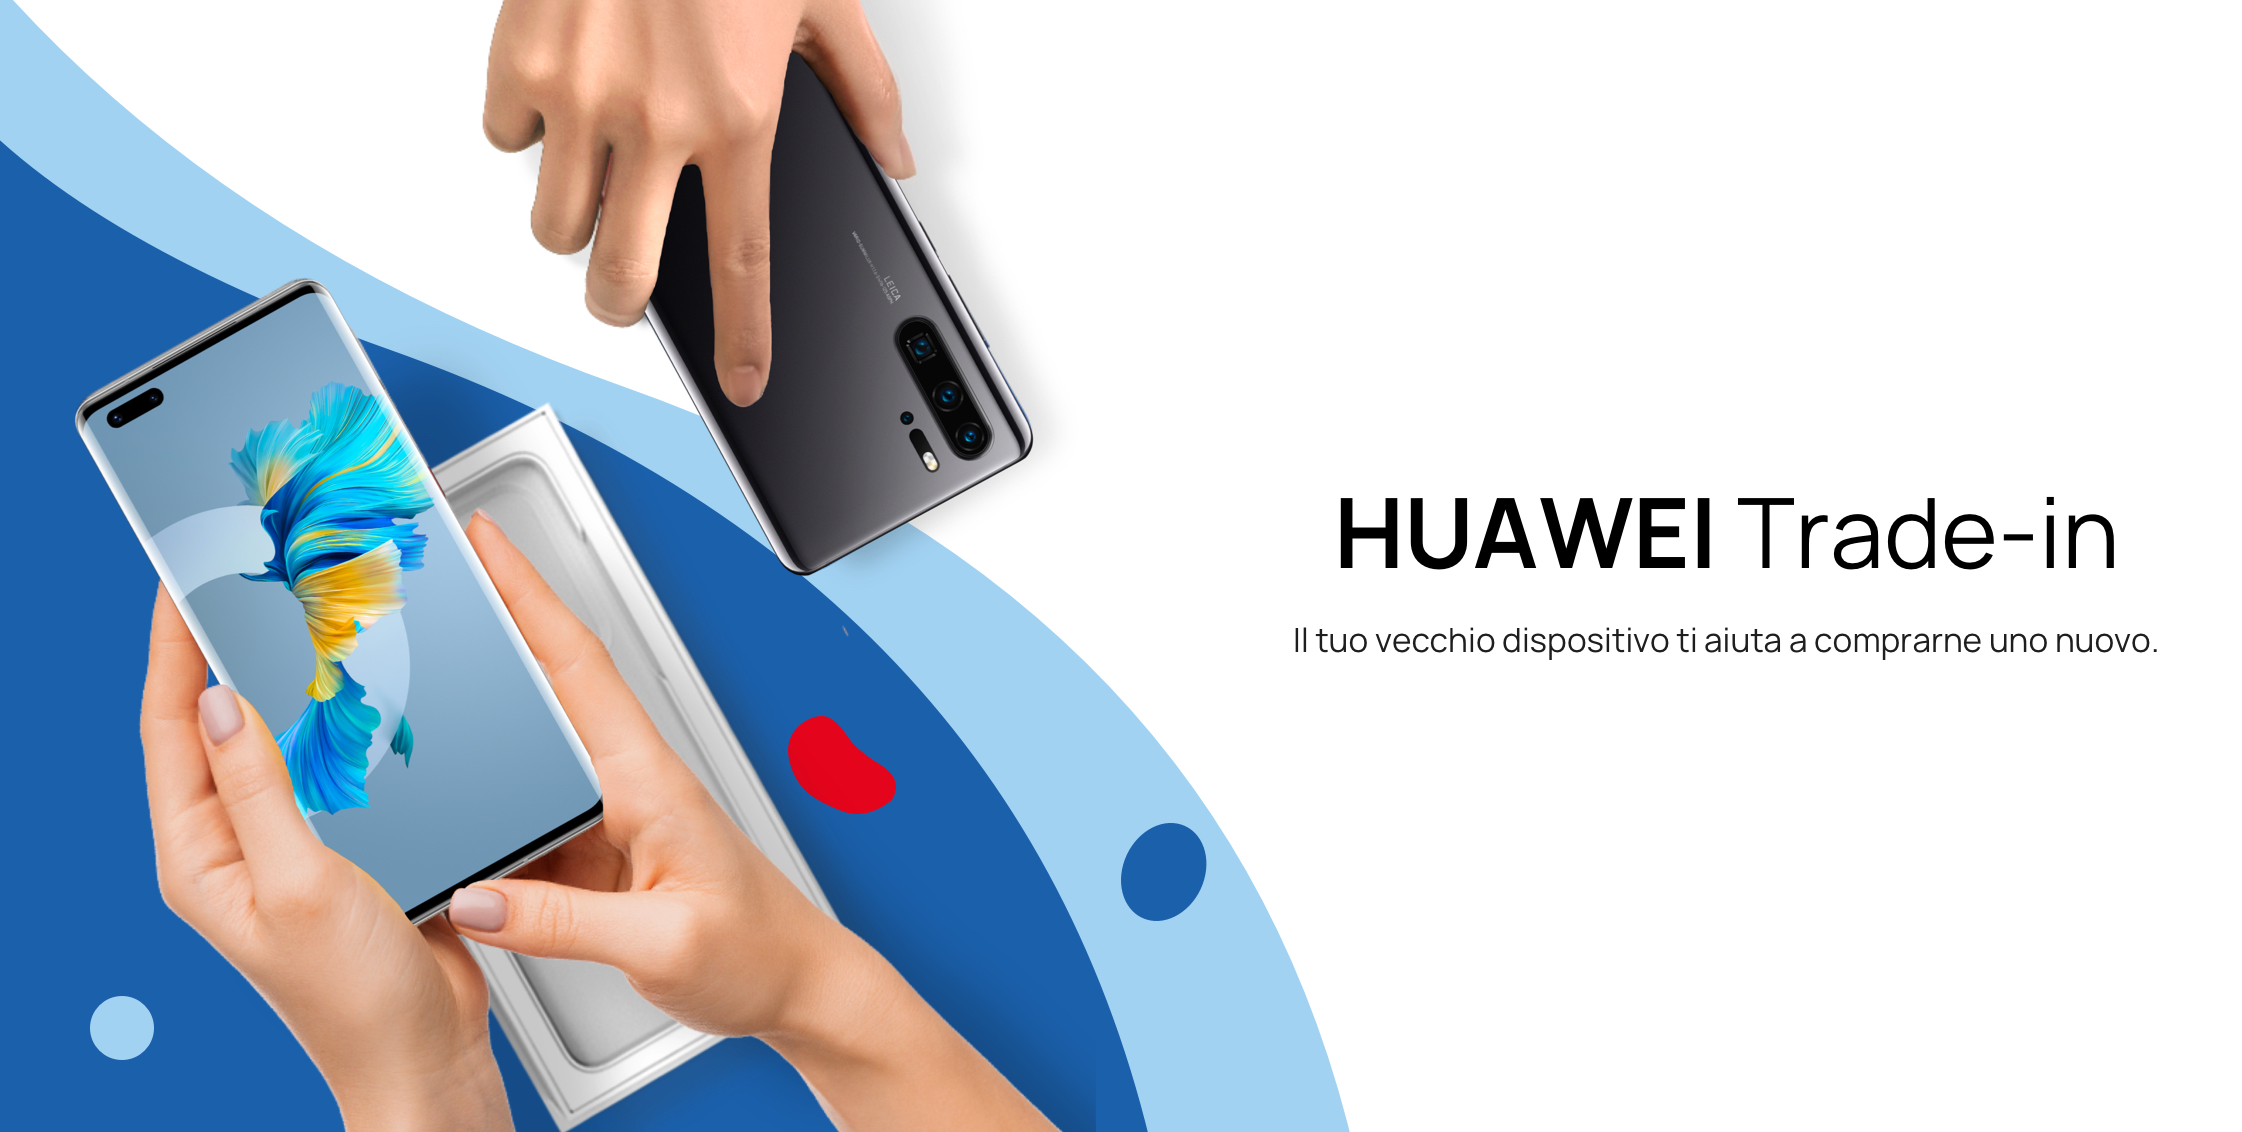 Huawei Trade-in